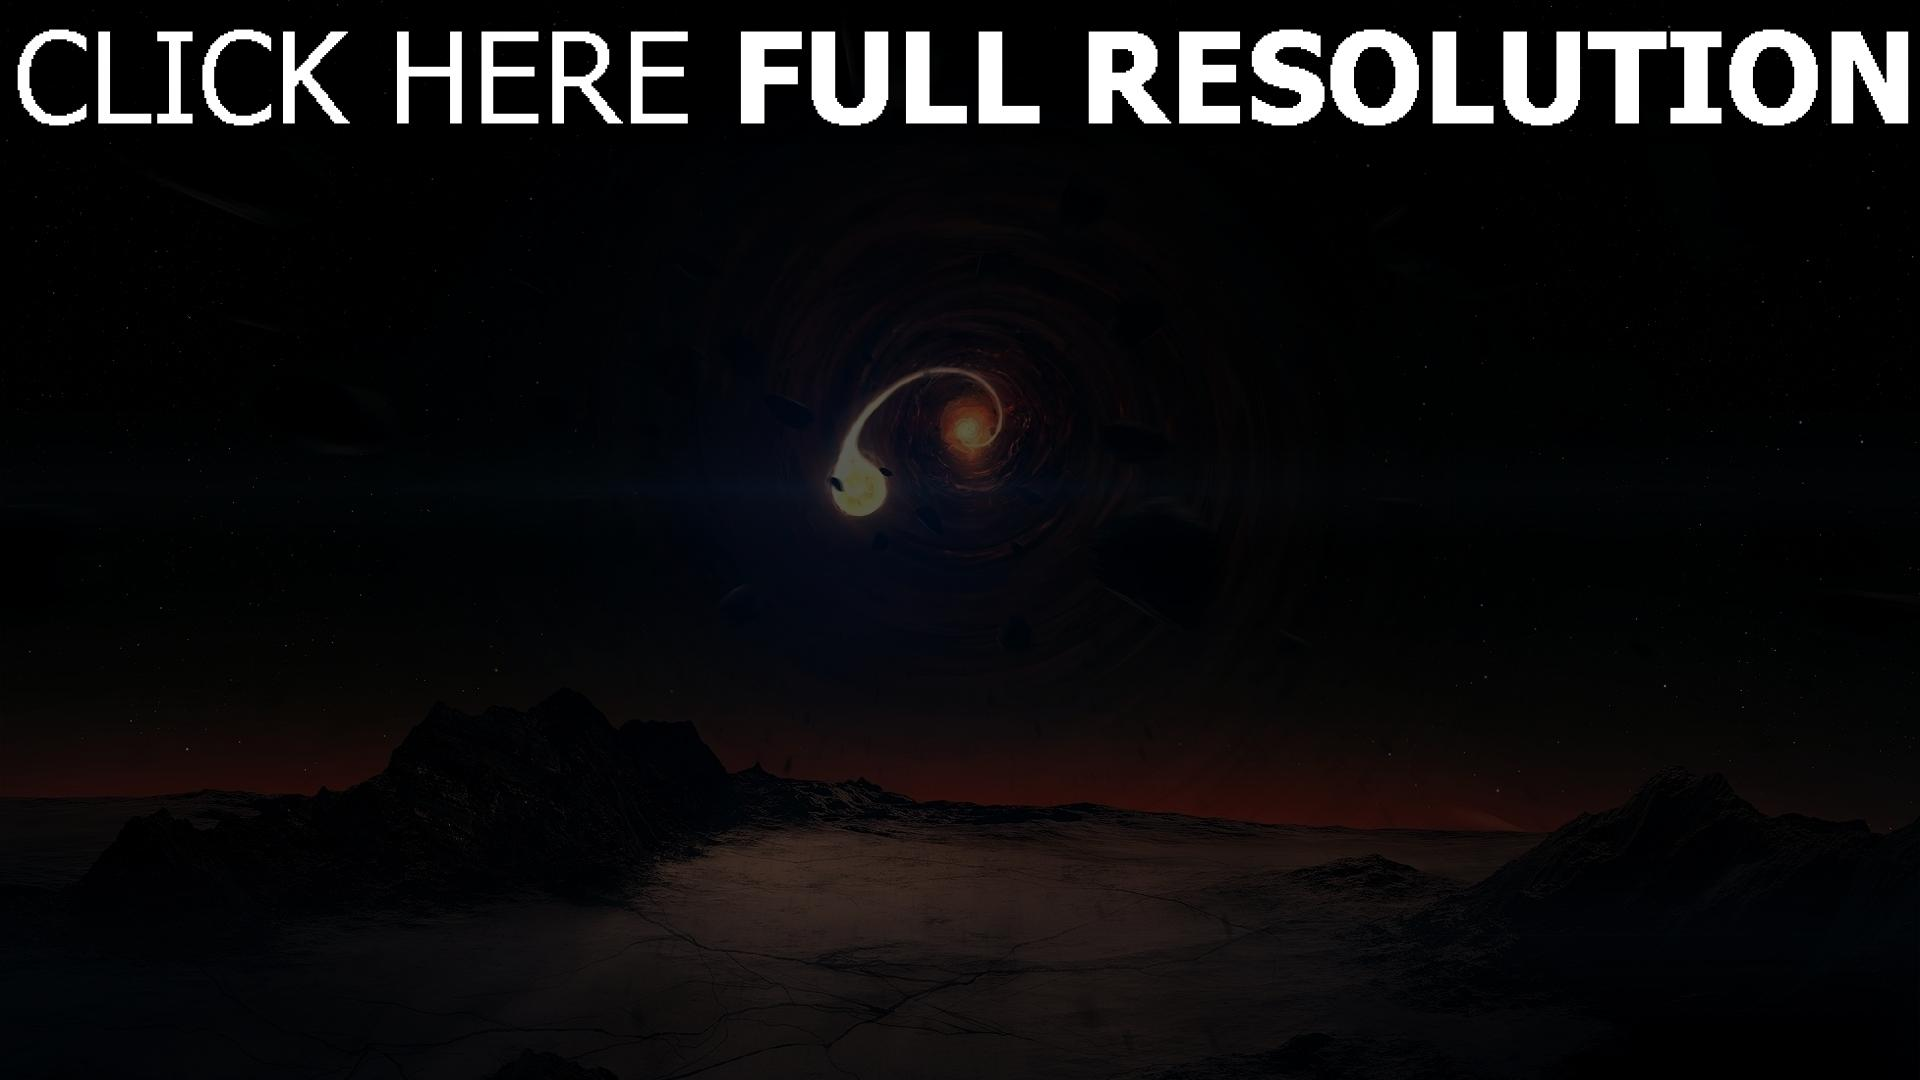 fond d'écran 1920x1080 spirale planète météorite